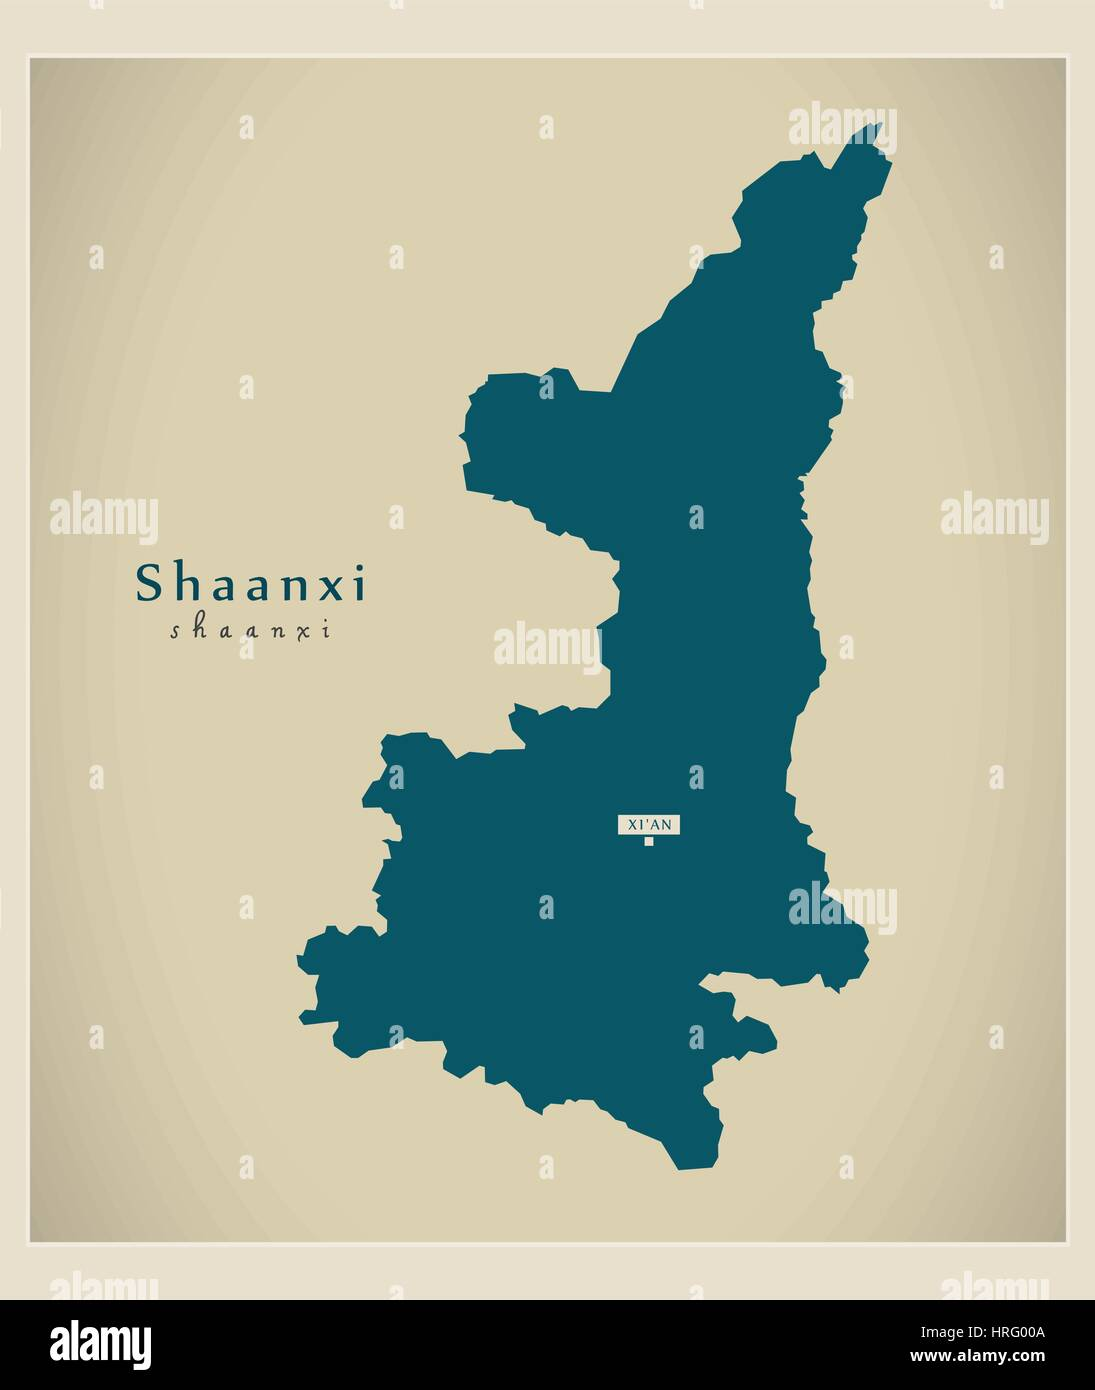 Modern Map - Shaanxi - Stock Image